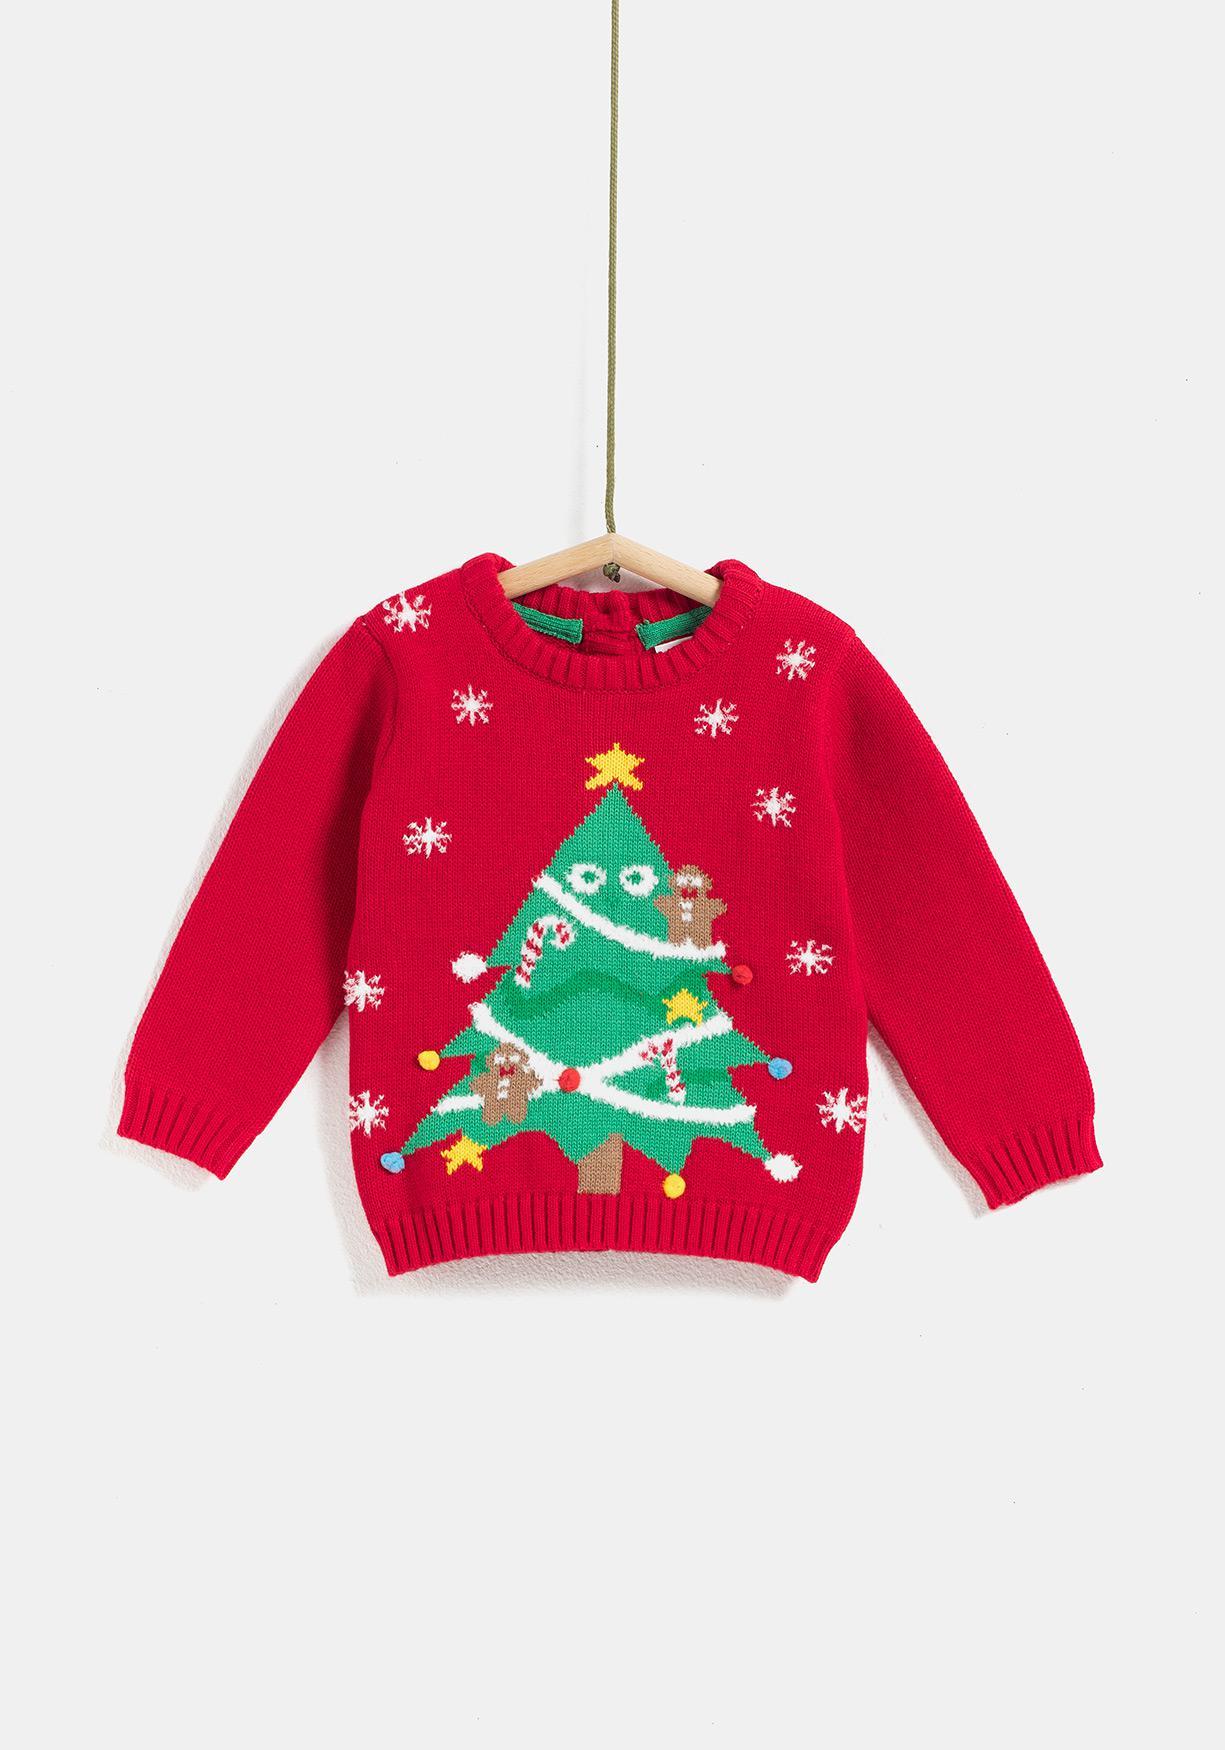 Comprar Jersey Navidad TEX. ¡Aprovéchate de nuestros precios y ... f6709ce2c